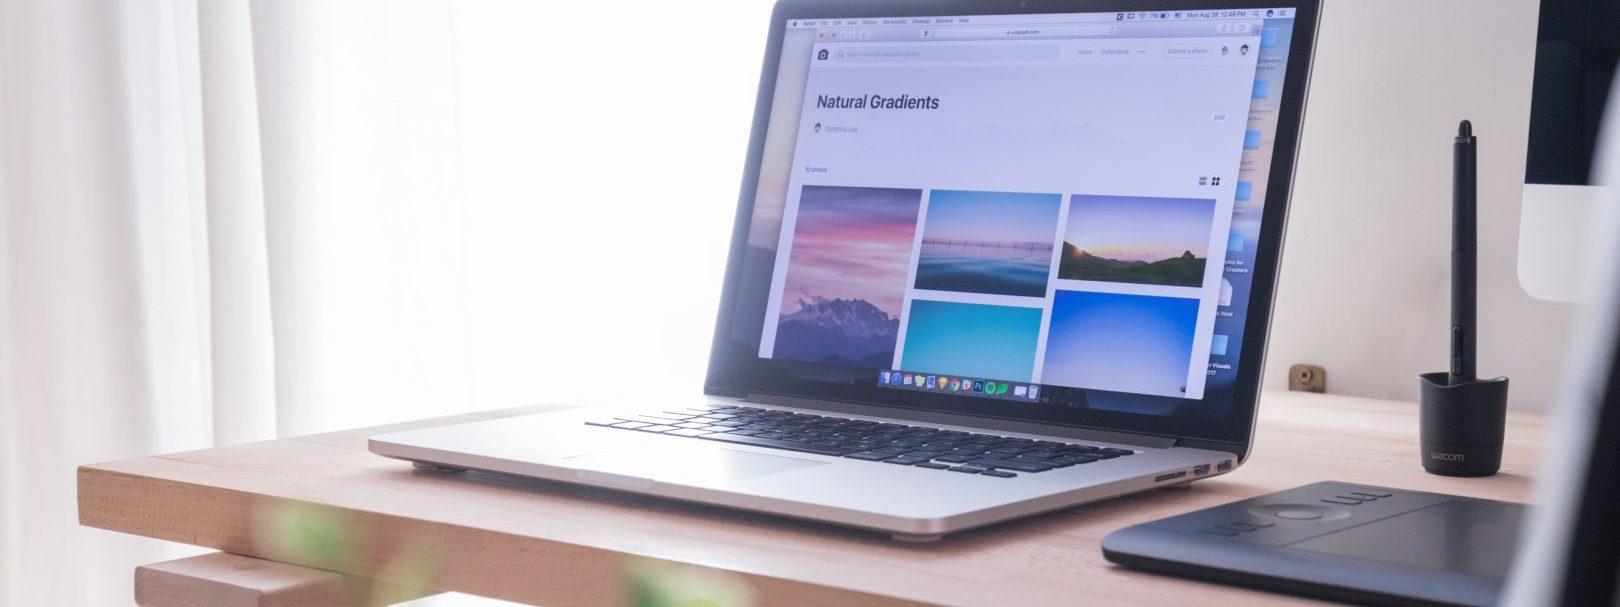 MacBookProに関するよくあるQ&Aの見出し画像